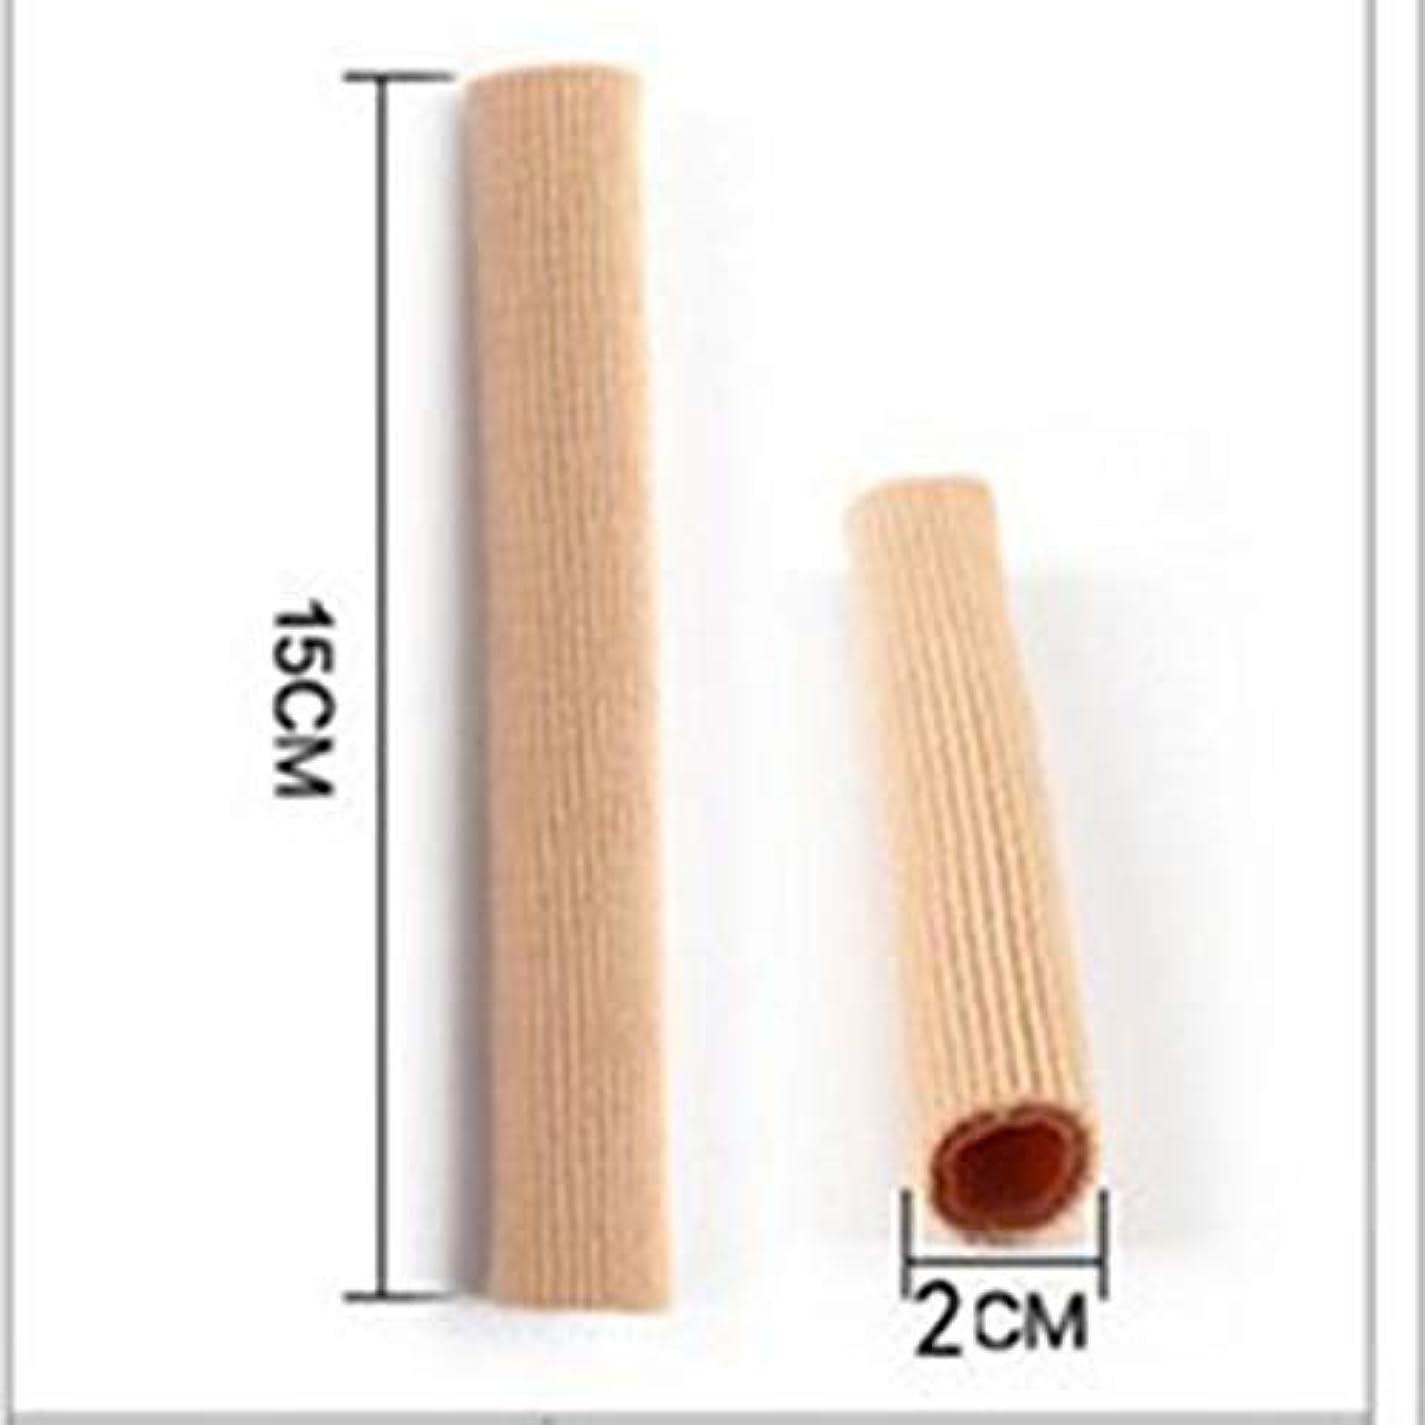 良心的腫瘍肉Open Toe Tubes Gel Lined Fabric Sleeve Protectors To Prevent Corns, Calluses And Blisters While Softening And...